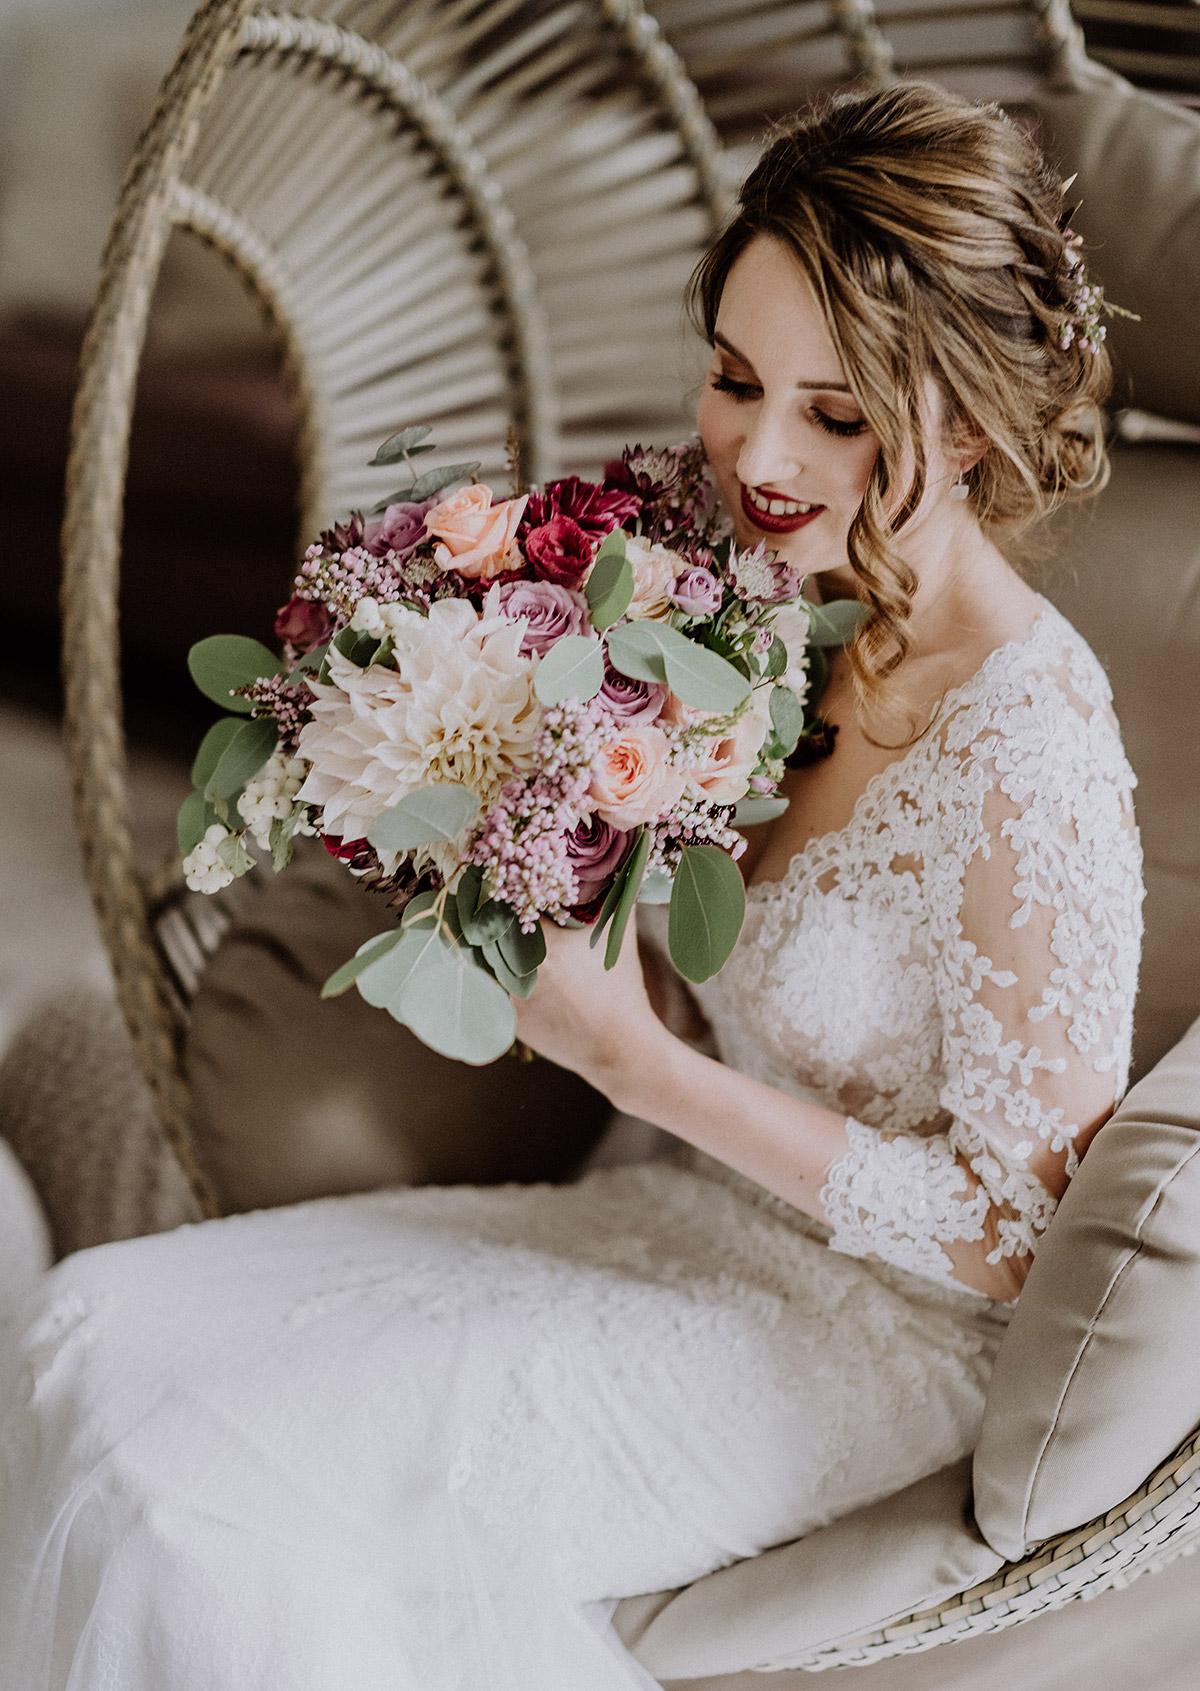 Braut mit Brautstrauß von Kopflegenden aus rosa, lila und weißen Blumen bei Potsdam Hochzeit - Gut Schloss Golm Potsdam Hochzeitsfotograf © www.hochzeitslicht.de